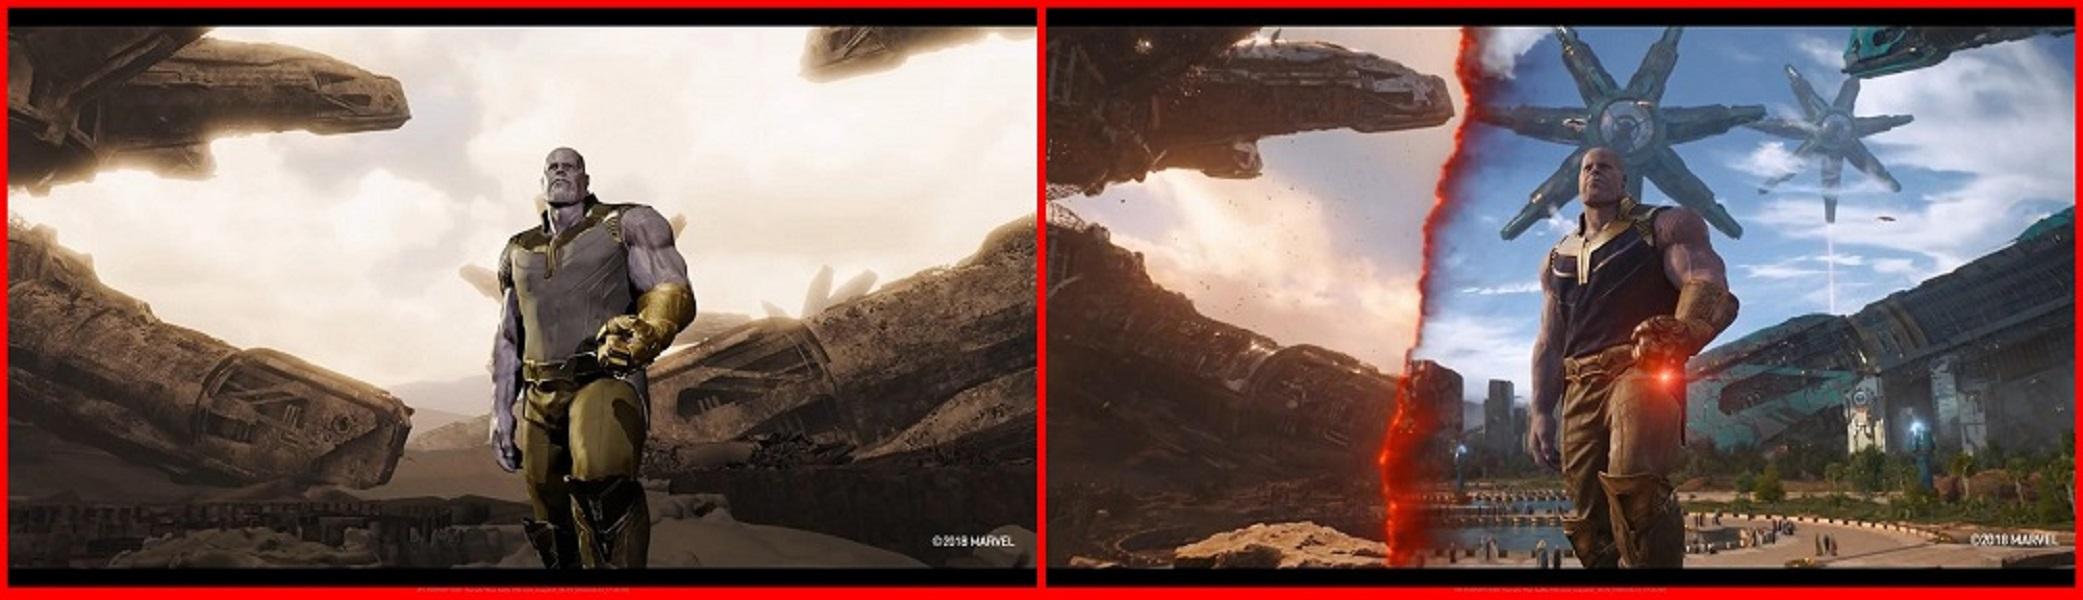 Film Avengers: Infinity War sebelum dan sesudah dipoles dengan CGI